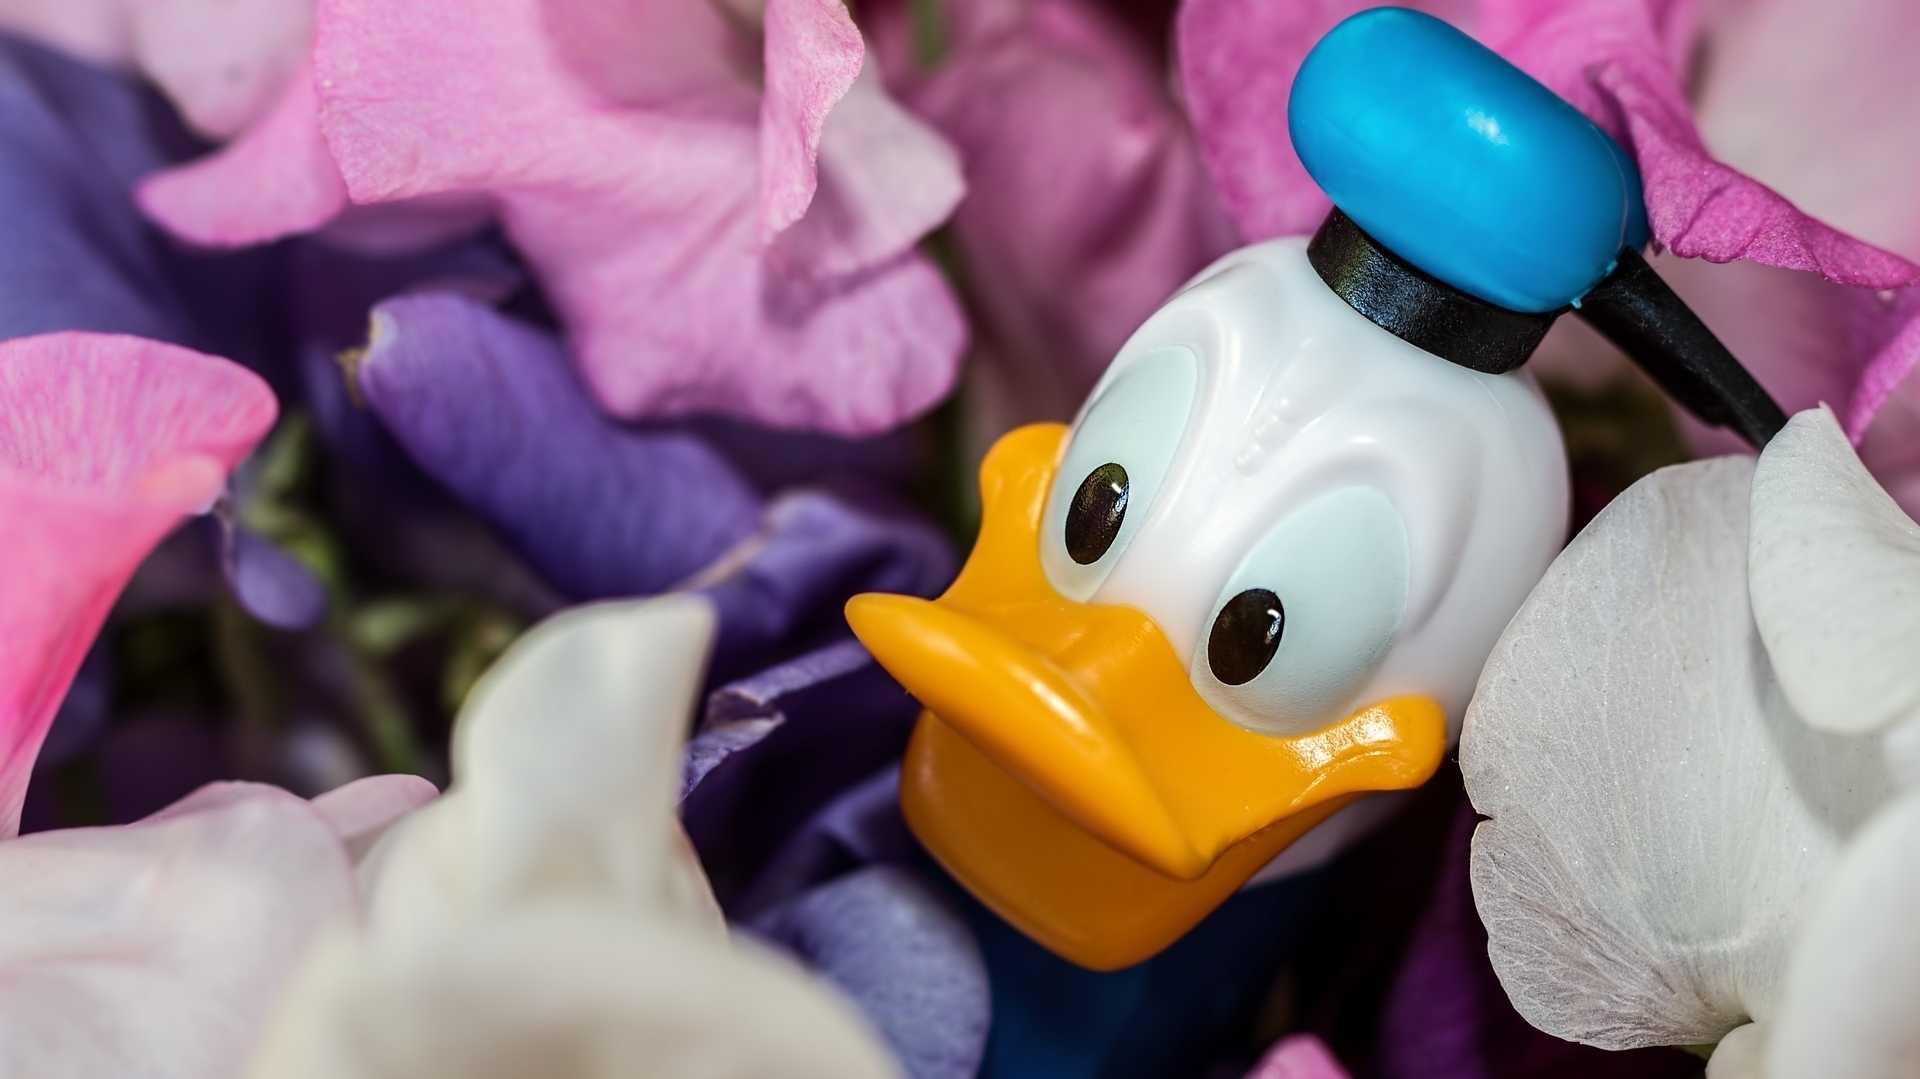 Kinohits füllen Disney die Kasse – Angriff auf Netflix und Co.